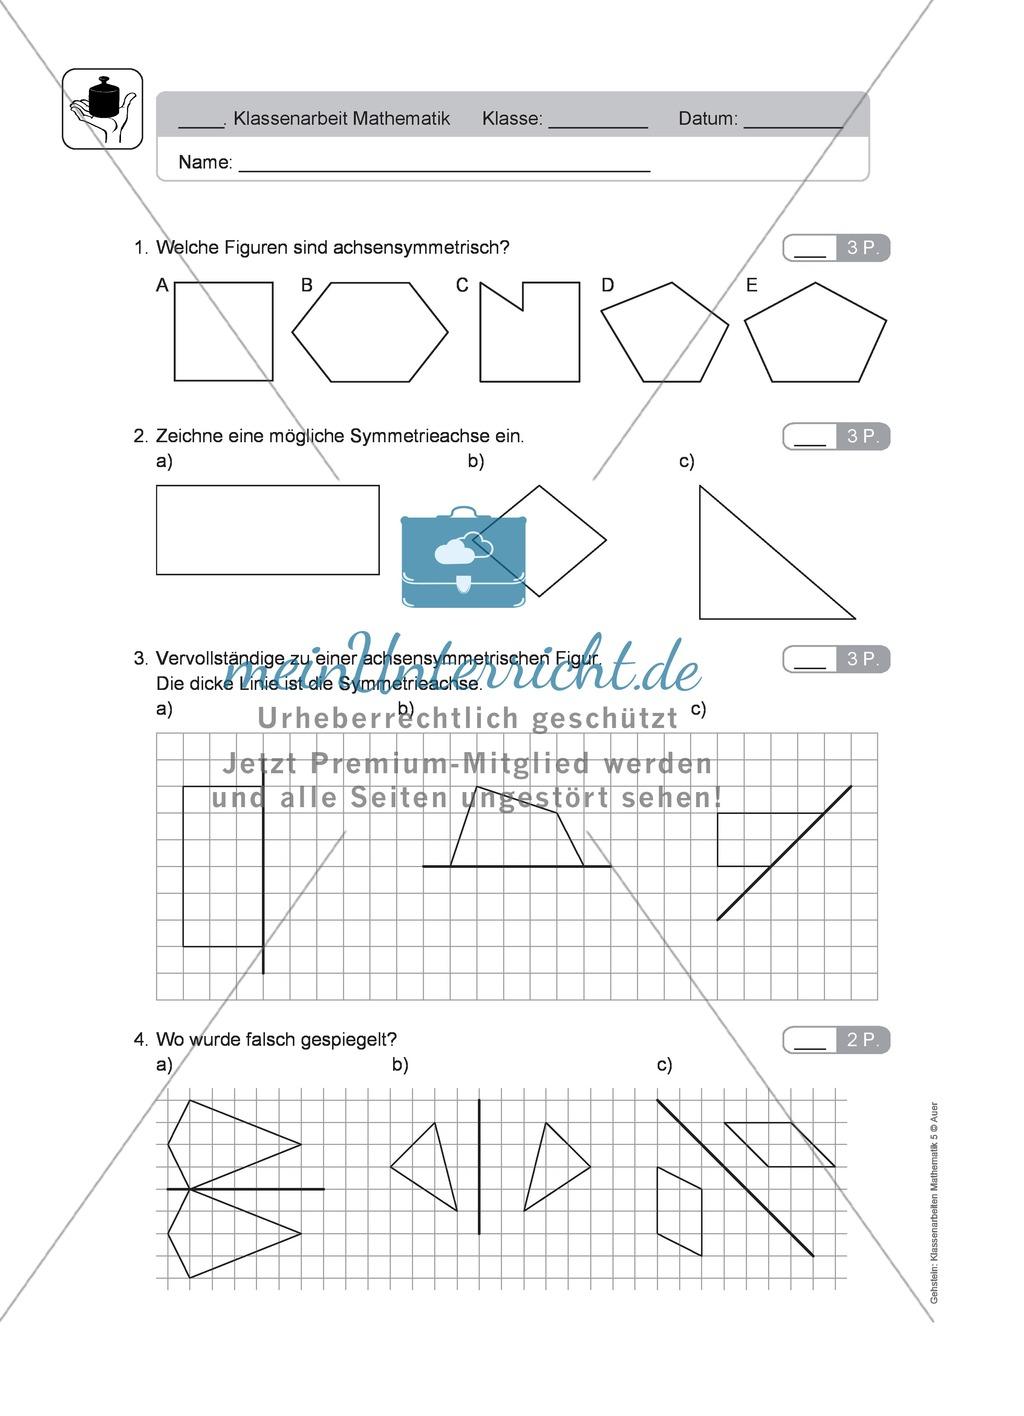 Klassenarbeit oder Lernkontrolle zur Achsensymmetrie - meinUnterricht